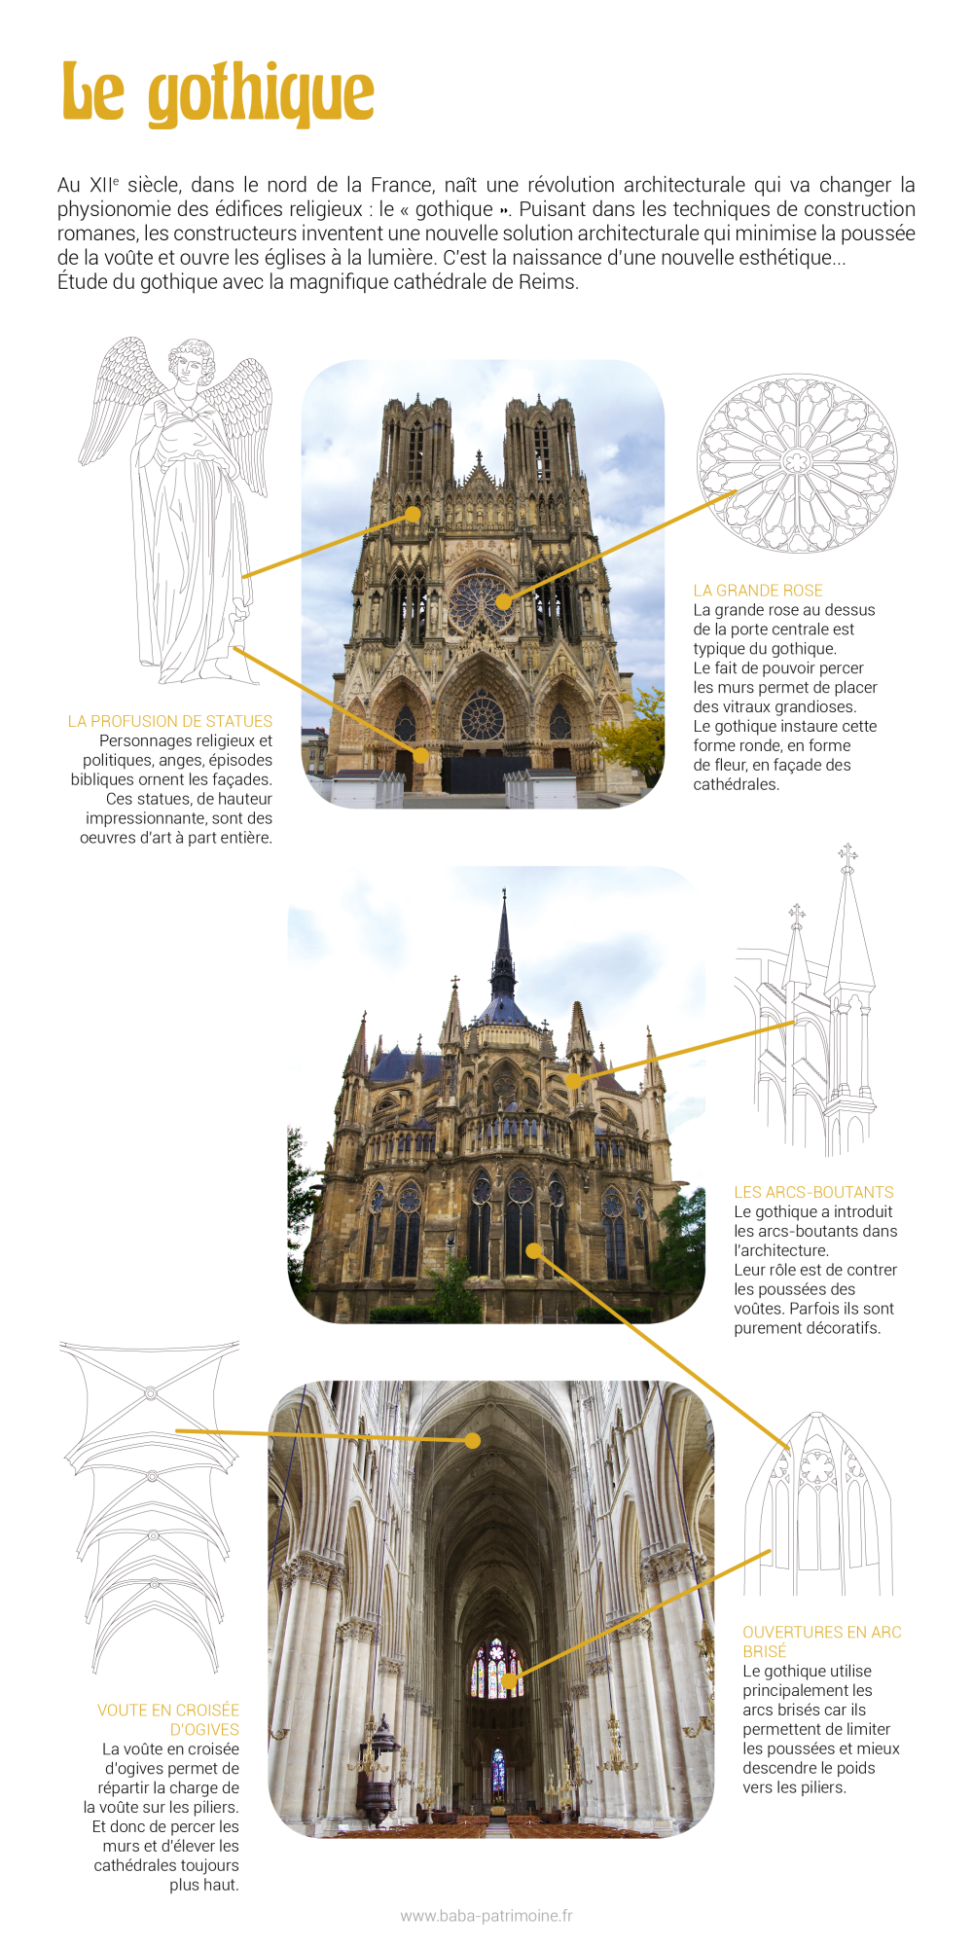 Le gothique, expliqué avec l'exemple de la cathédrale de Reims. Les statues, la grande rosace, les arcs boutants, la voûte en croisée d'ogives, l'arc brisé.